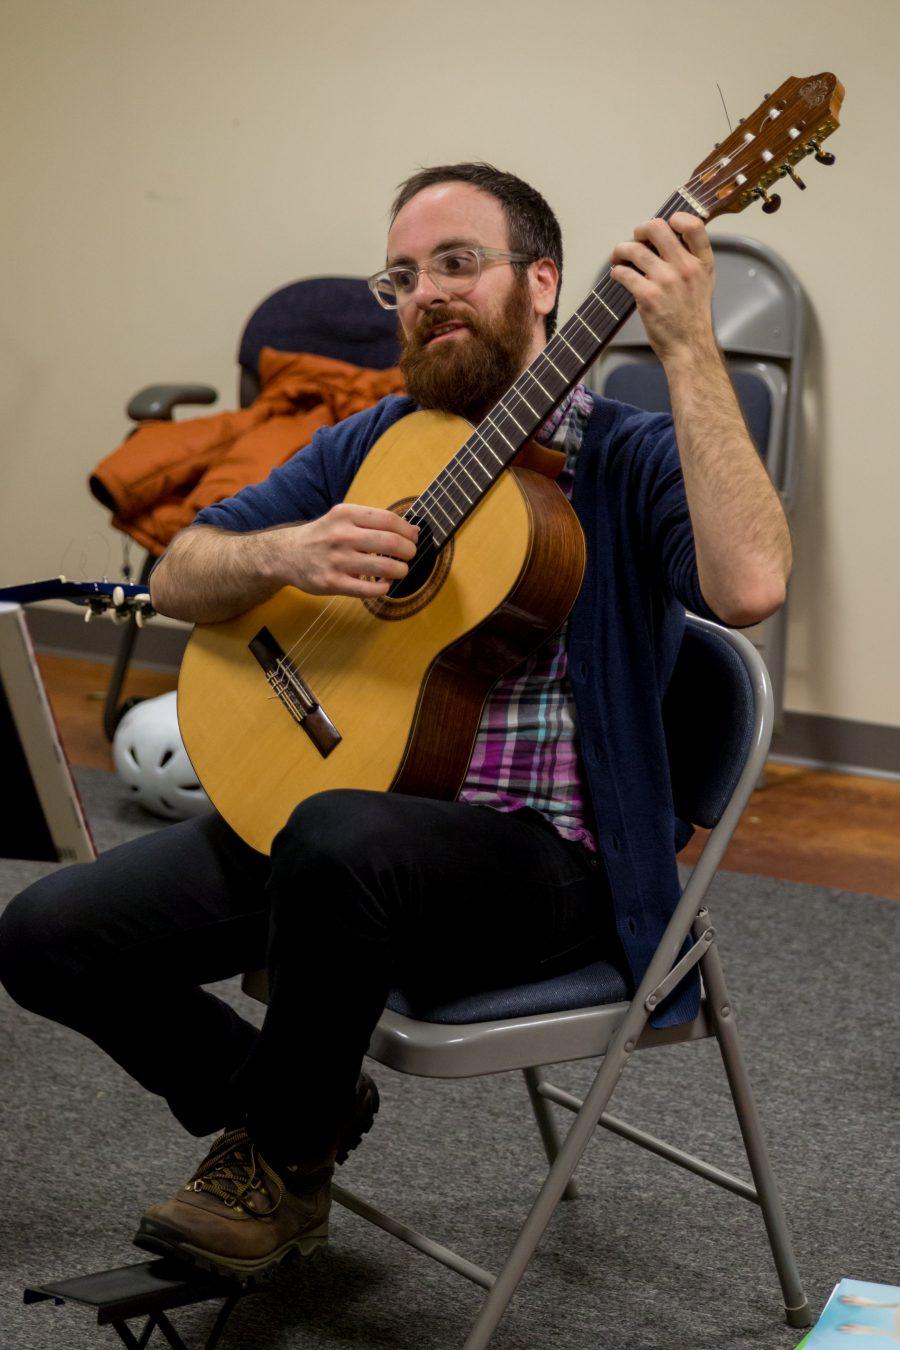 Settlement Faculty Member Alan Ens